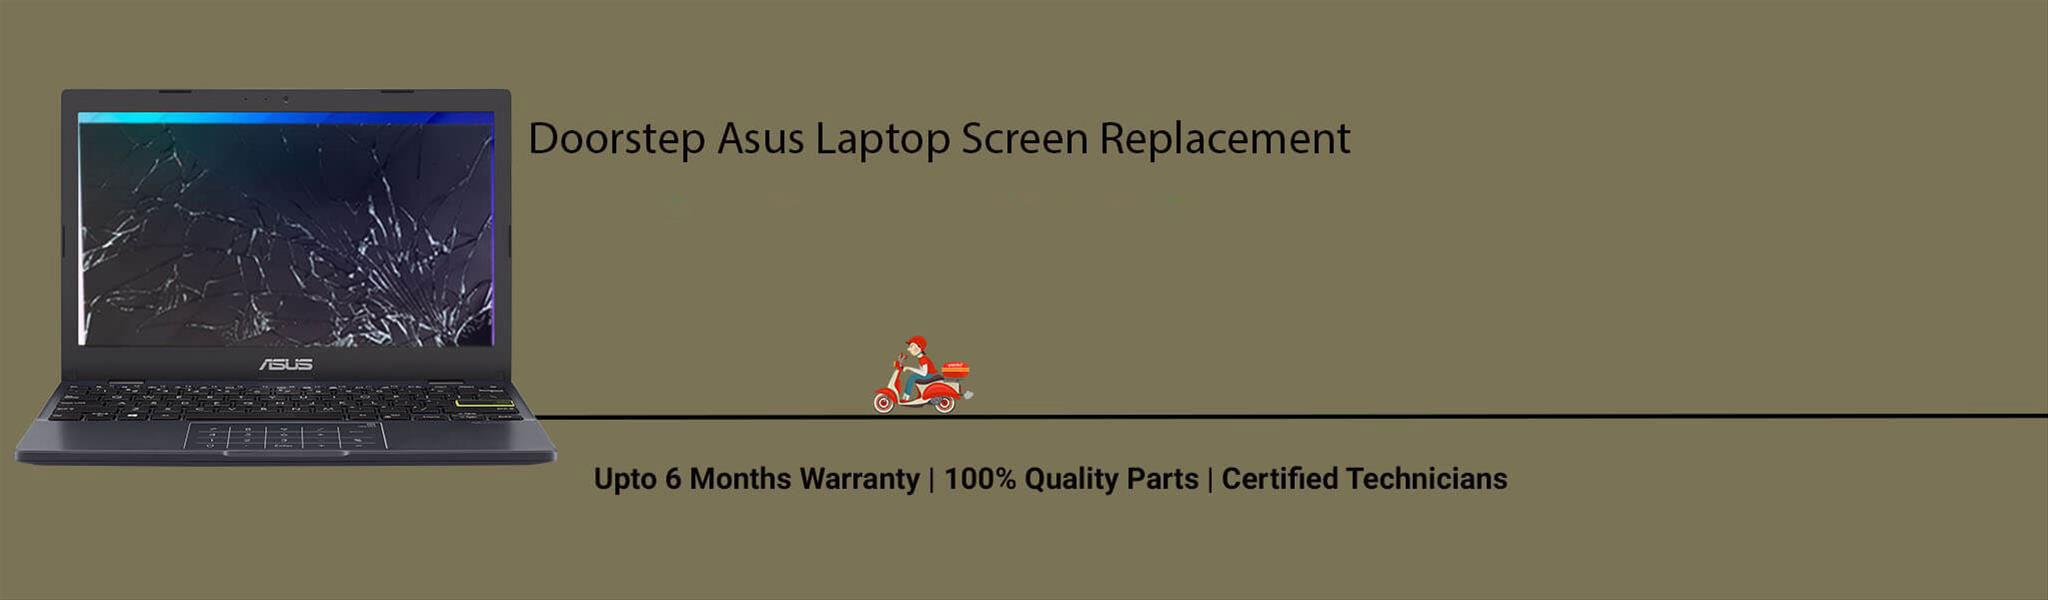 asus-laptop-screen-replacement.jpg